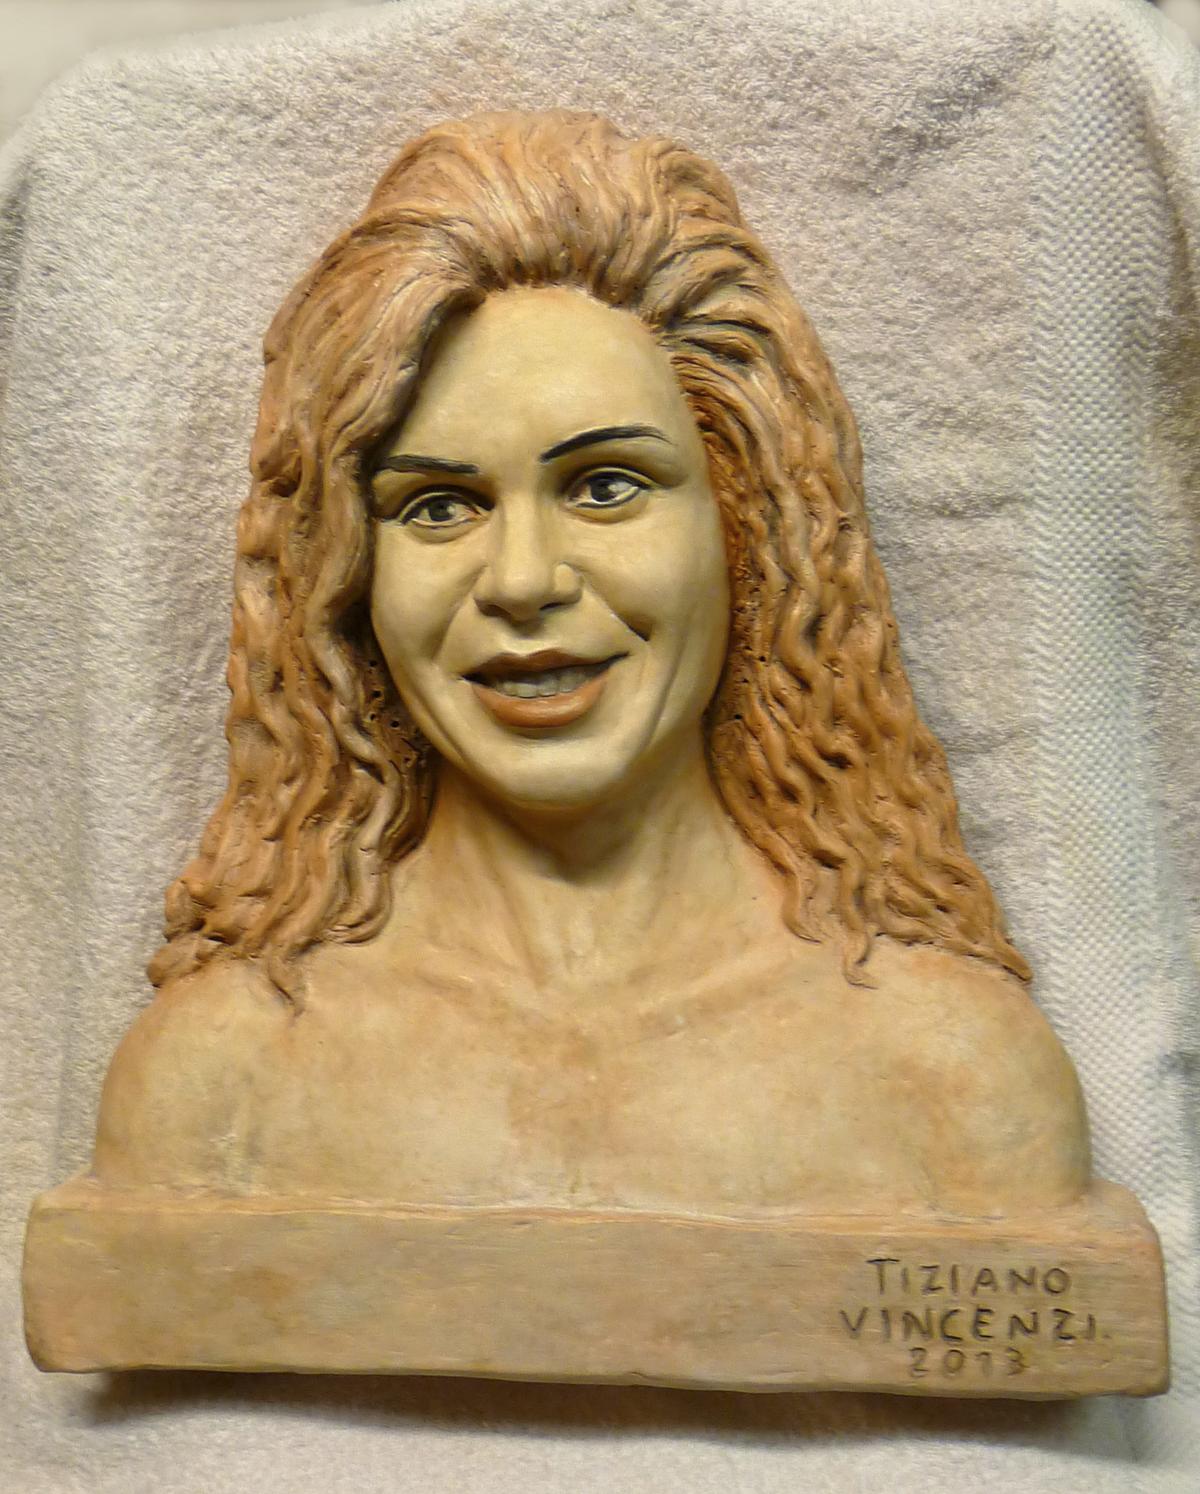 ritratto della nuova garbatella ristorante la sgarbatella scultore vincenzi